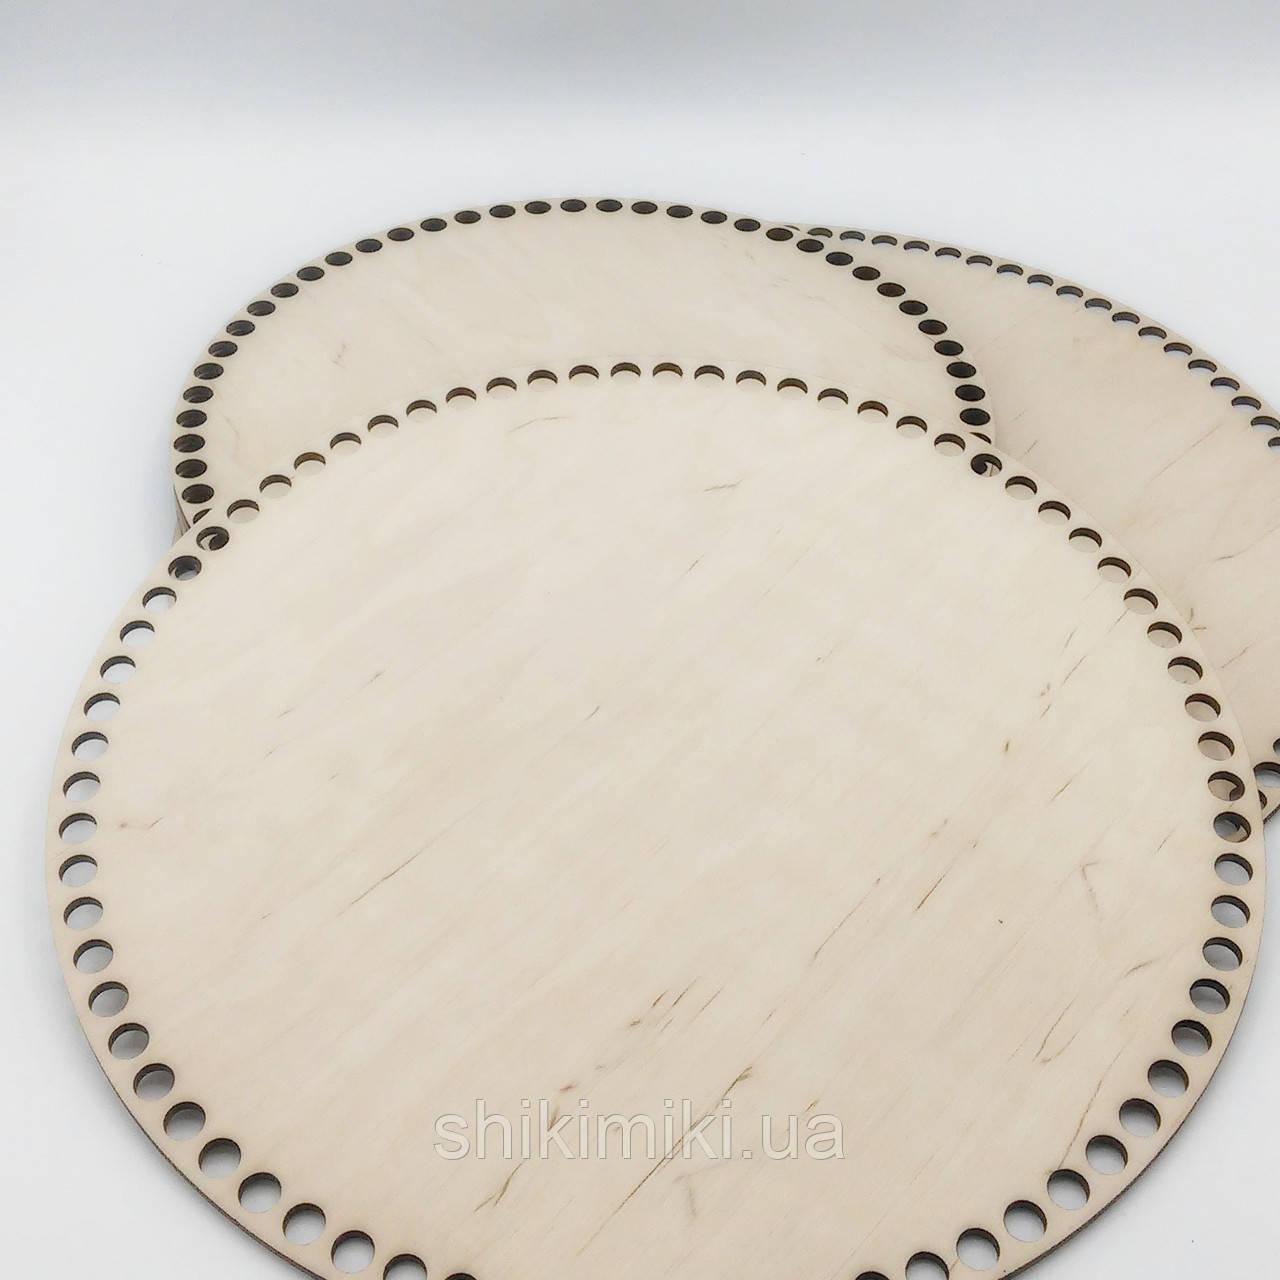 Заготовка из фанеры круглая (32 см)